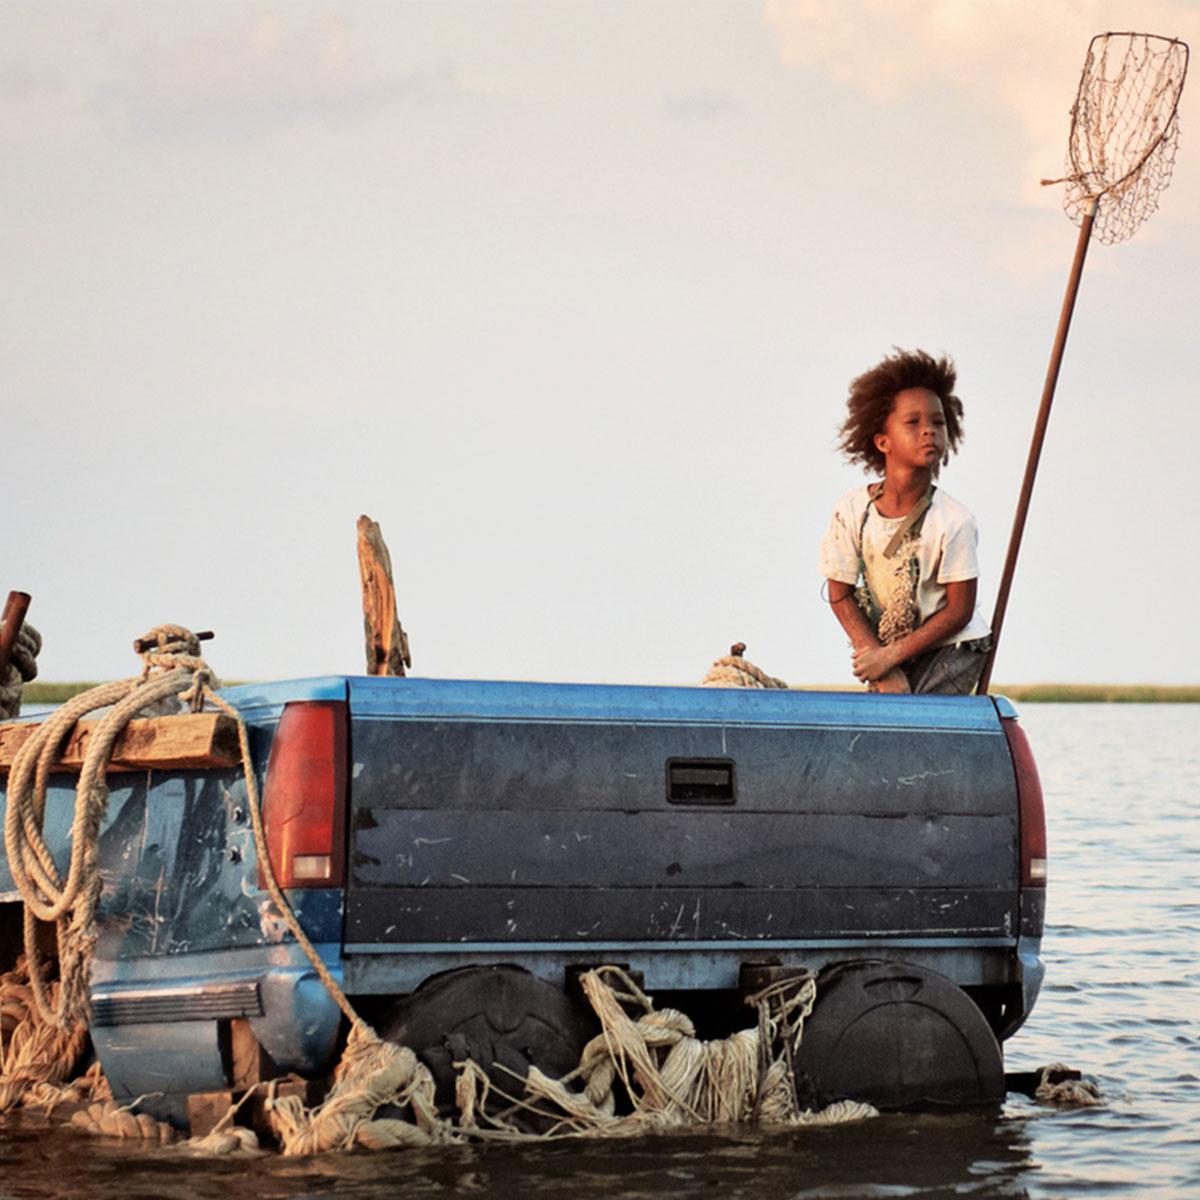 niña afro sobre un automóvil hundido en el agua, de la película Bestias del sur salvaje